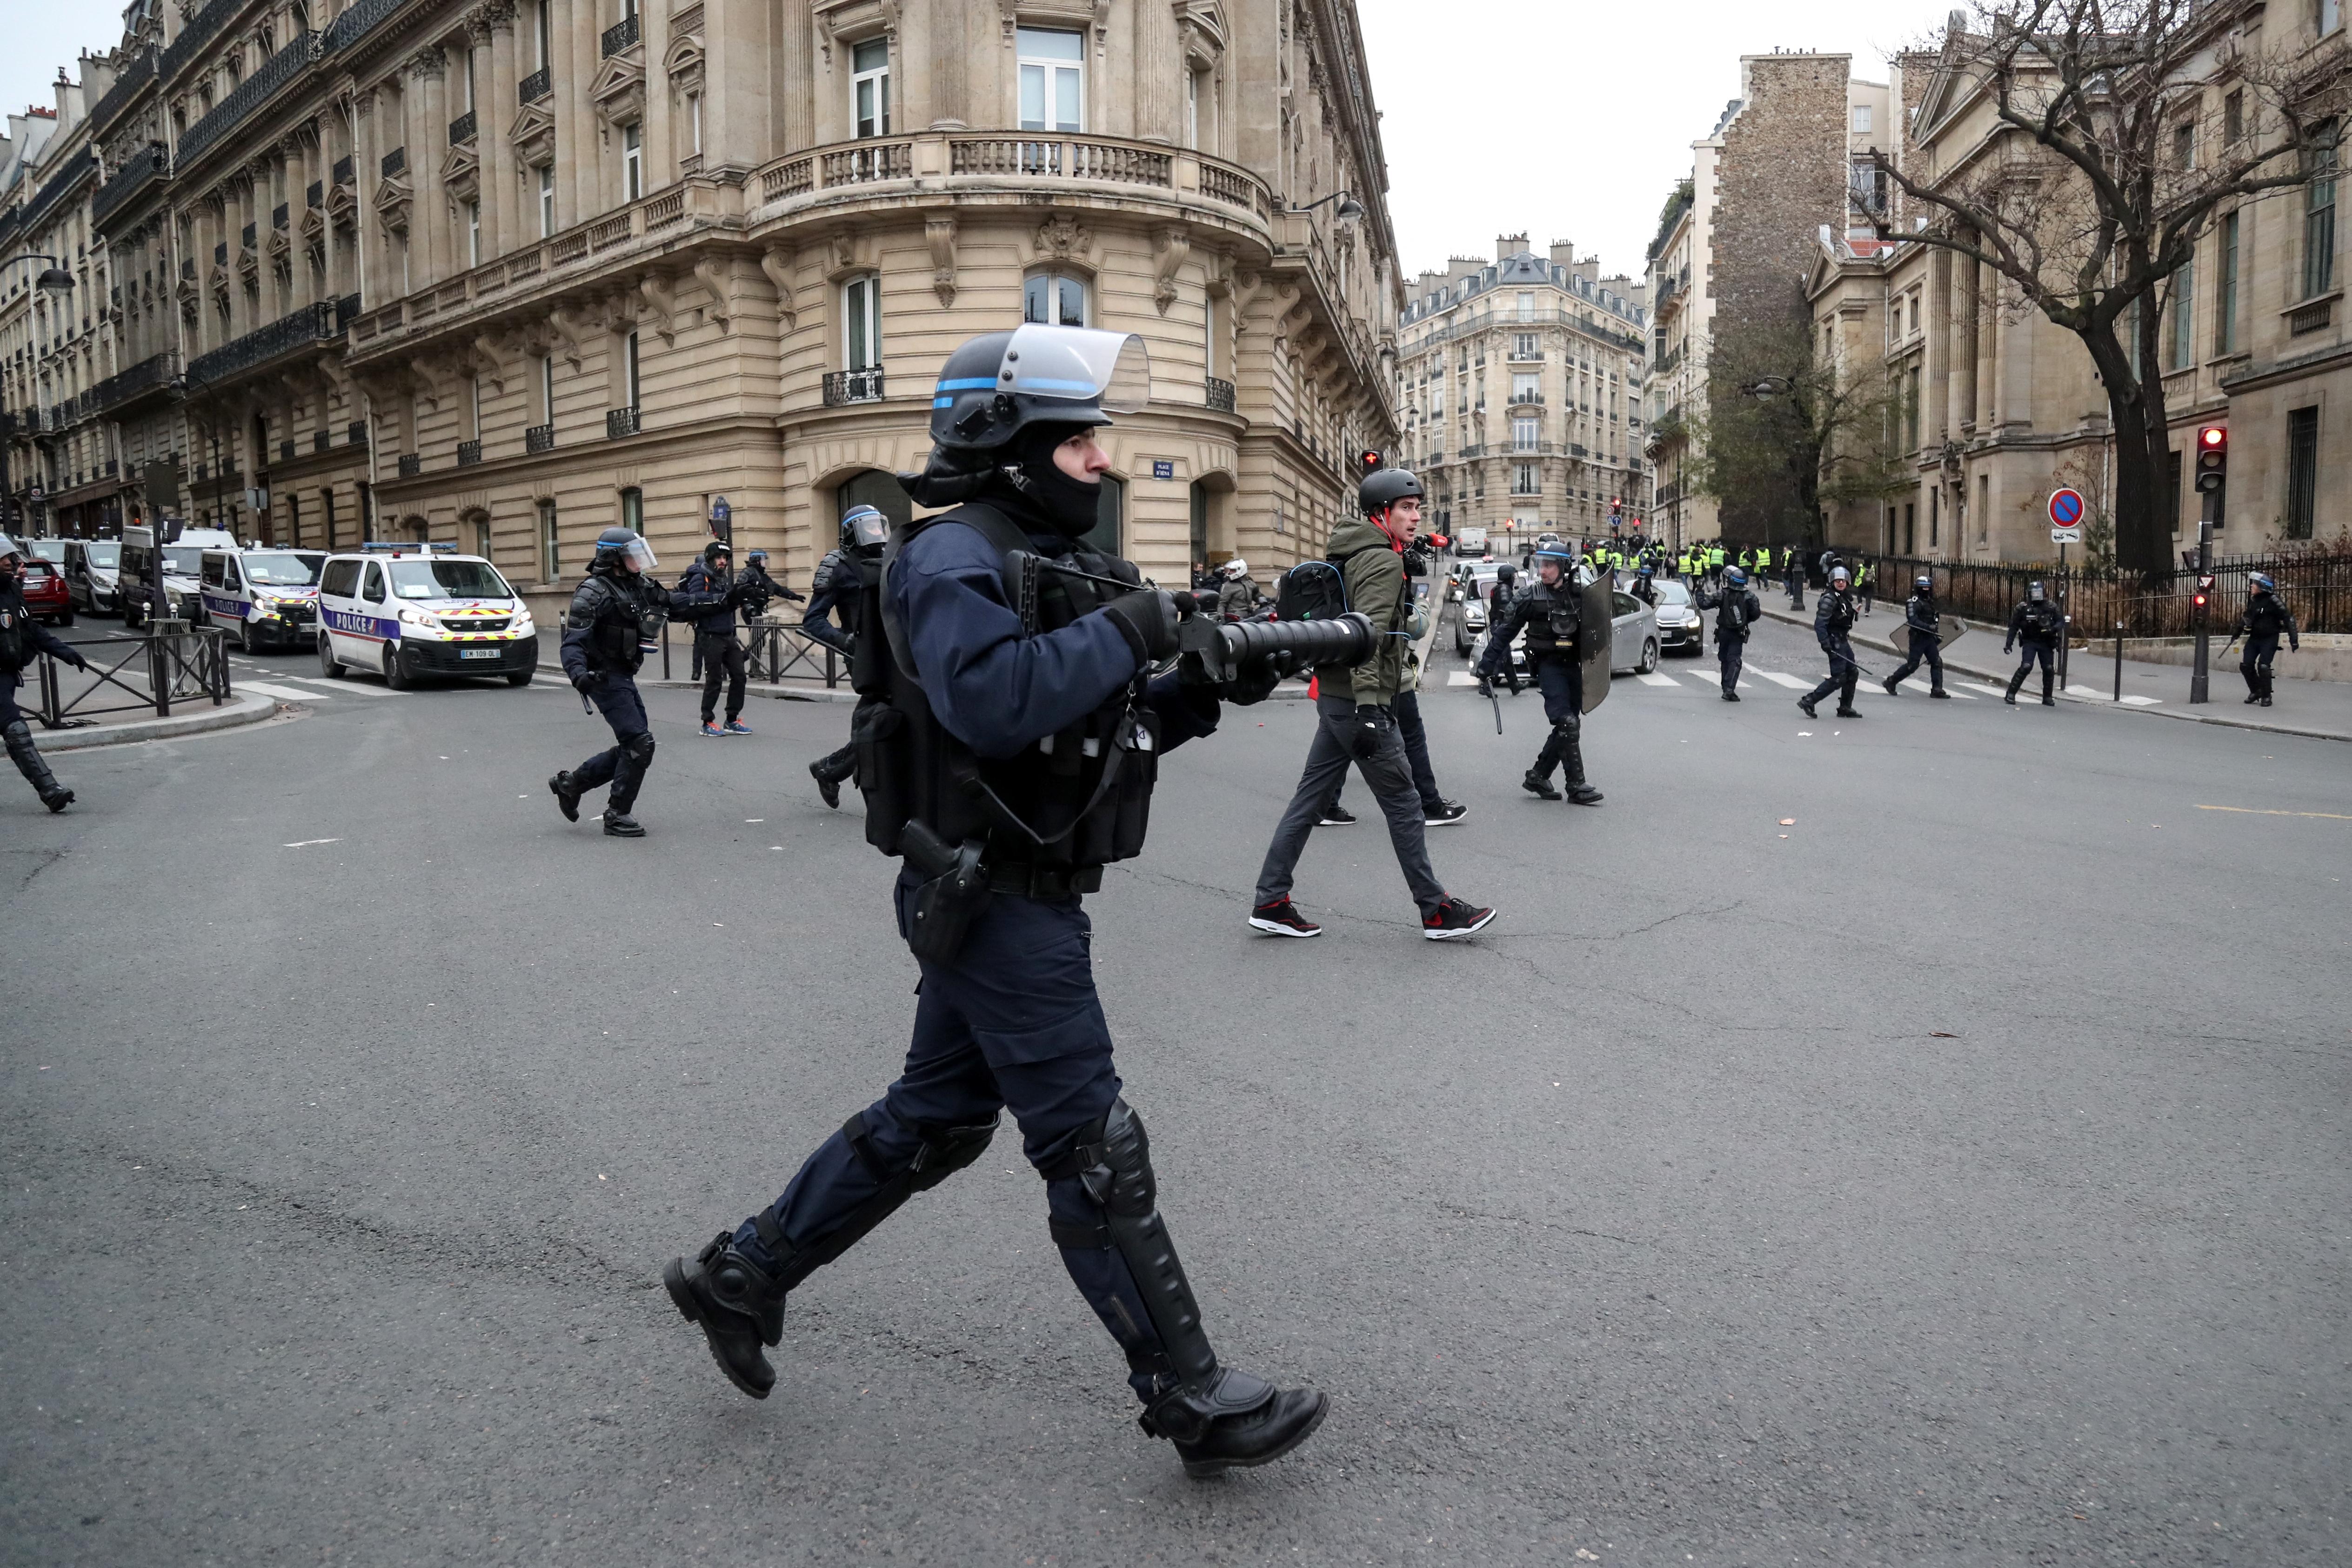 """ضابط شرطة فرنسي يوجه سلاحه غير المميت أثناء تظاهرات """"السترات الصفراء"""" في باريس"""